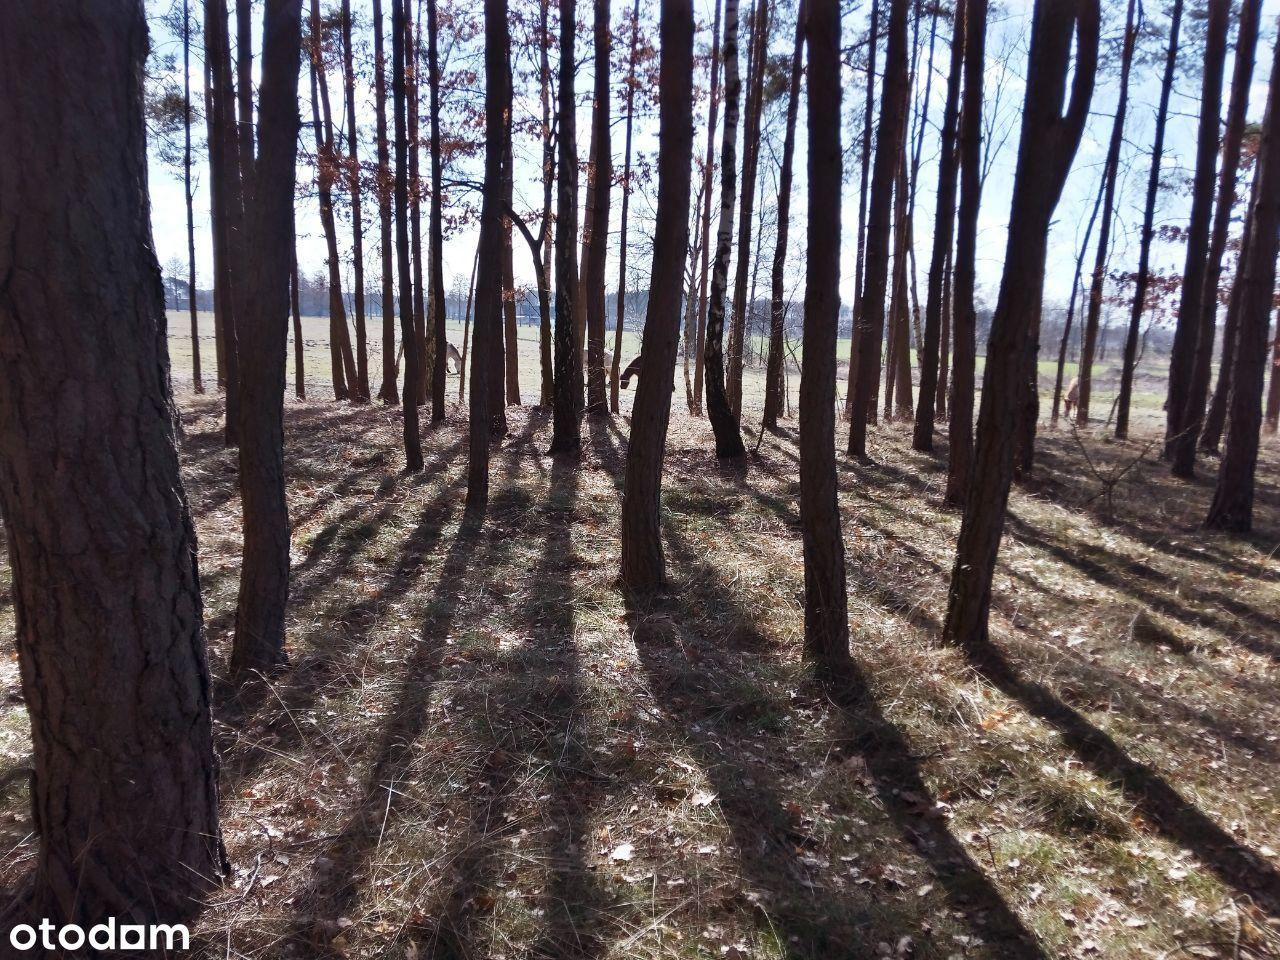 Działka rekreacyjna leśna Wola Jabłońska